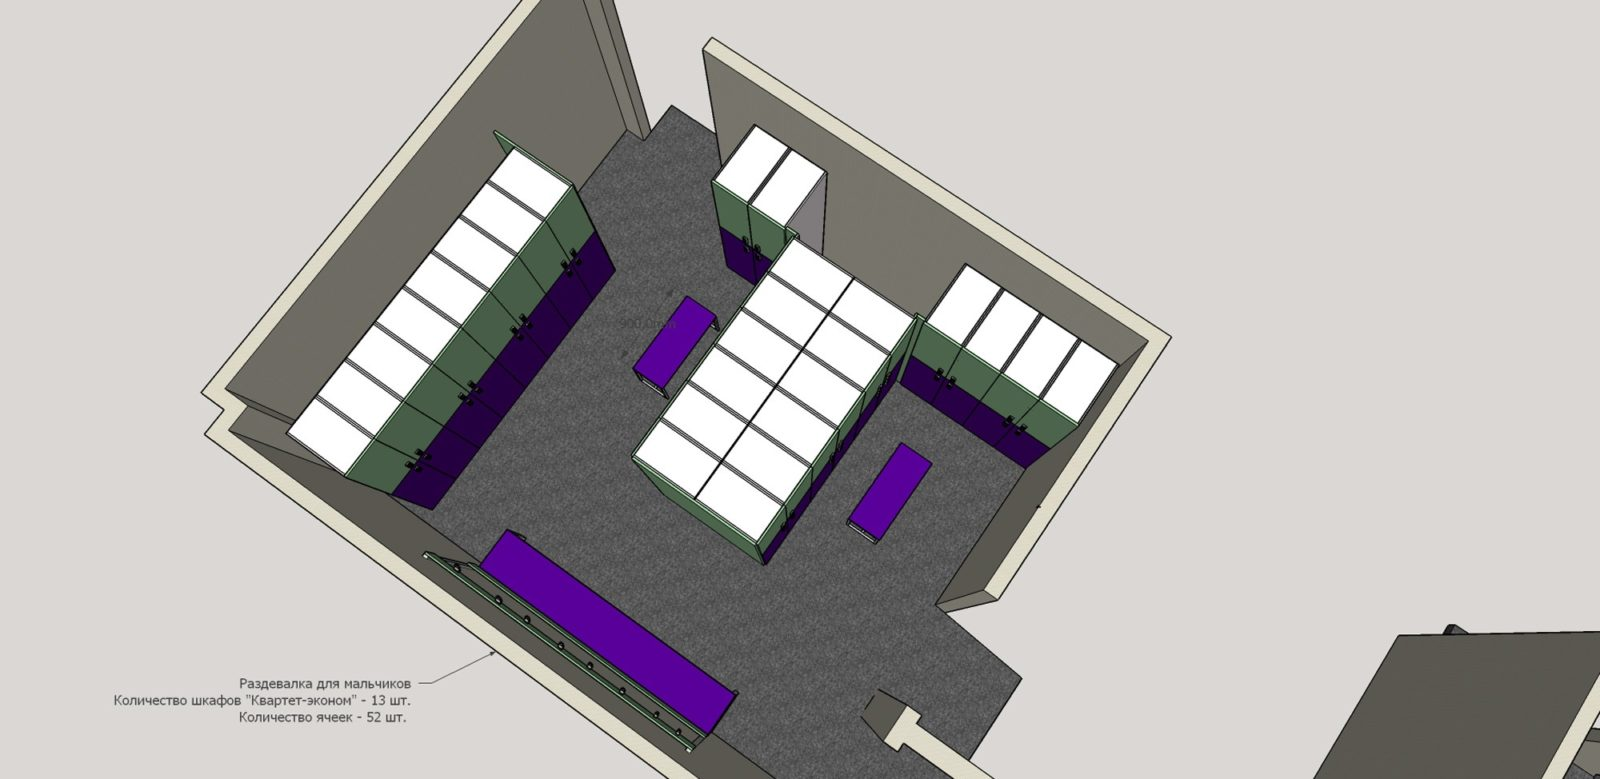 Разработка проекта на шкафчики для фитнес клуба, гарантия лучшей цены в ComboMebel